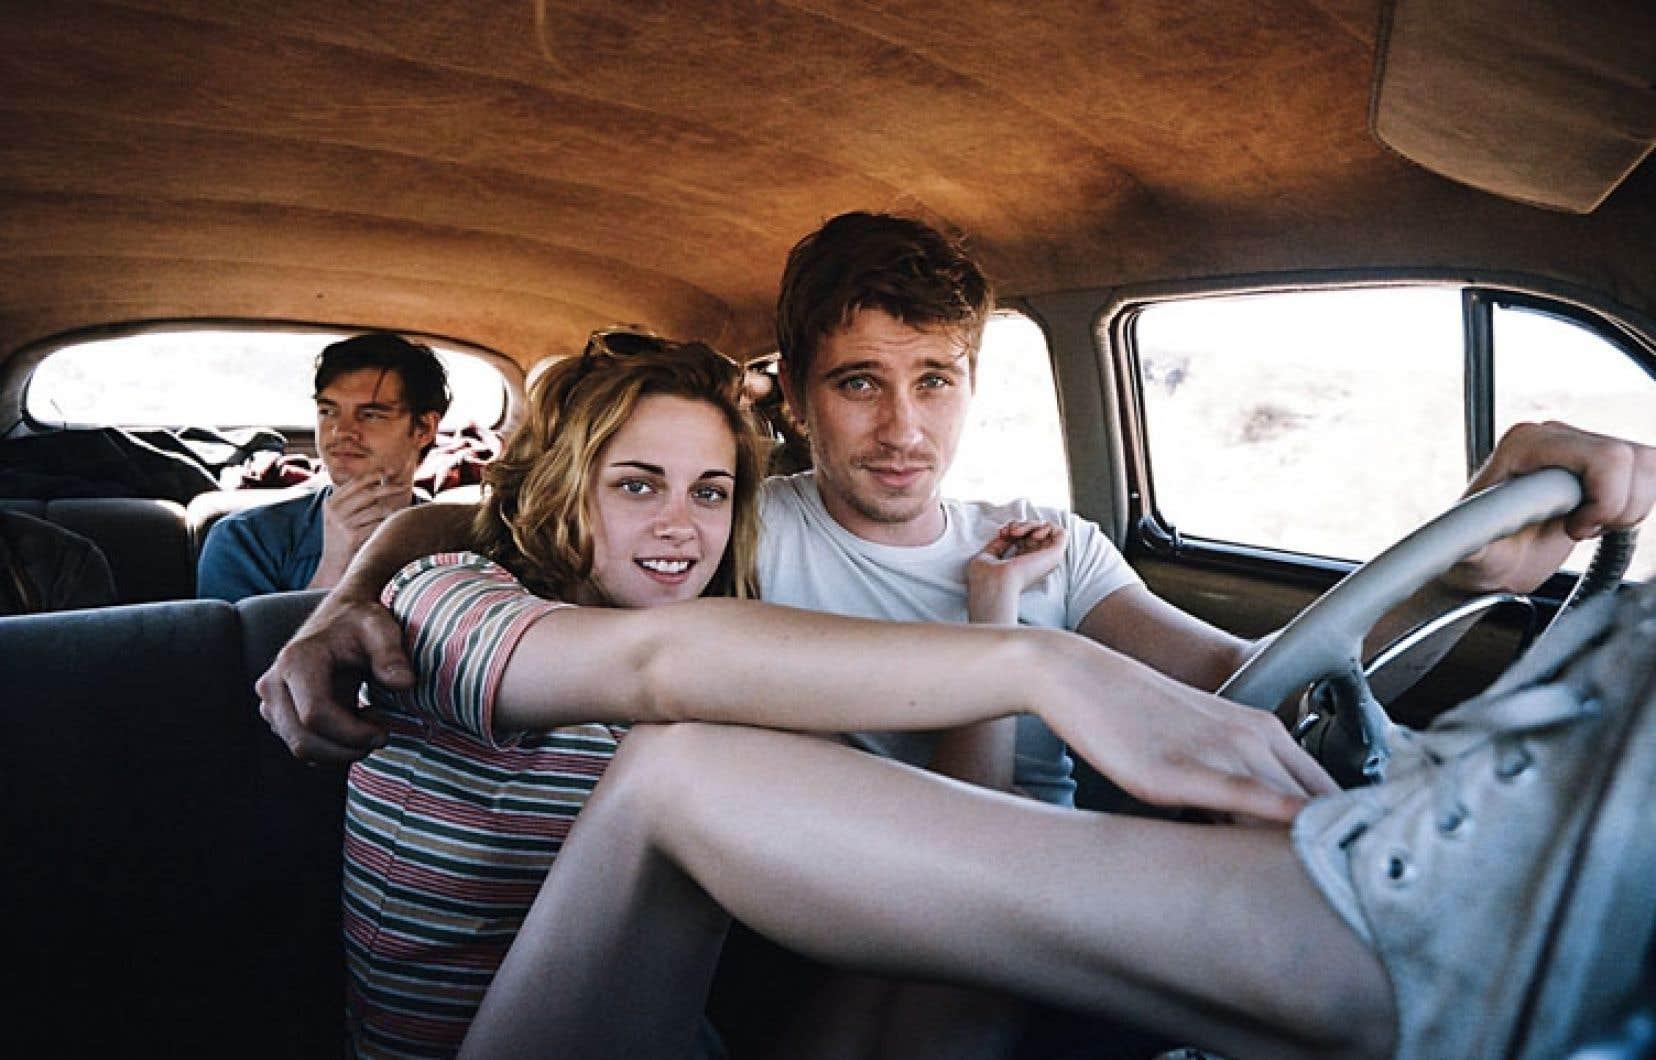 La vision romantique de la route d'une jeunesse éprise de liberté dépeinte dans Sur la route par Jack Kerouac (ci-dessus, son adaptation cinématographique) a contribué à auréoler la voiture d'un parfum d'émancipation. Or, les jeunes d'aujourd'hui semblent la trouver ailleurs.